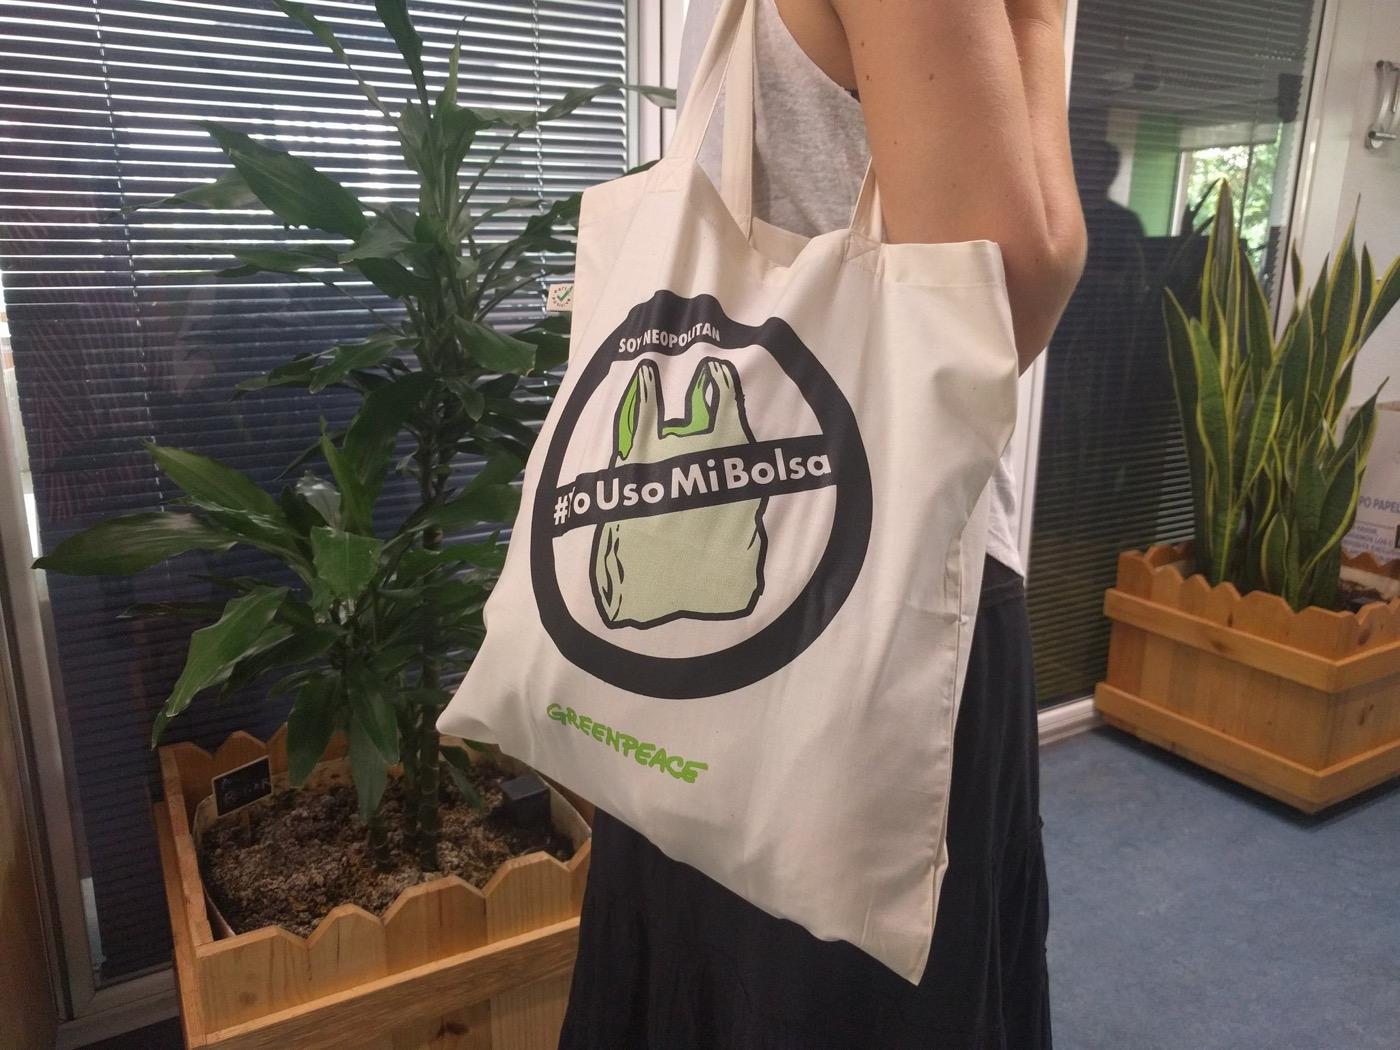 34e322764 Estas bolsas pueden ser ligeras o muy ligeras y deben cumplir ciertos  requisitos para considerarse biodegradables.